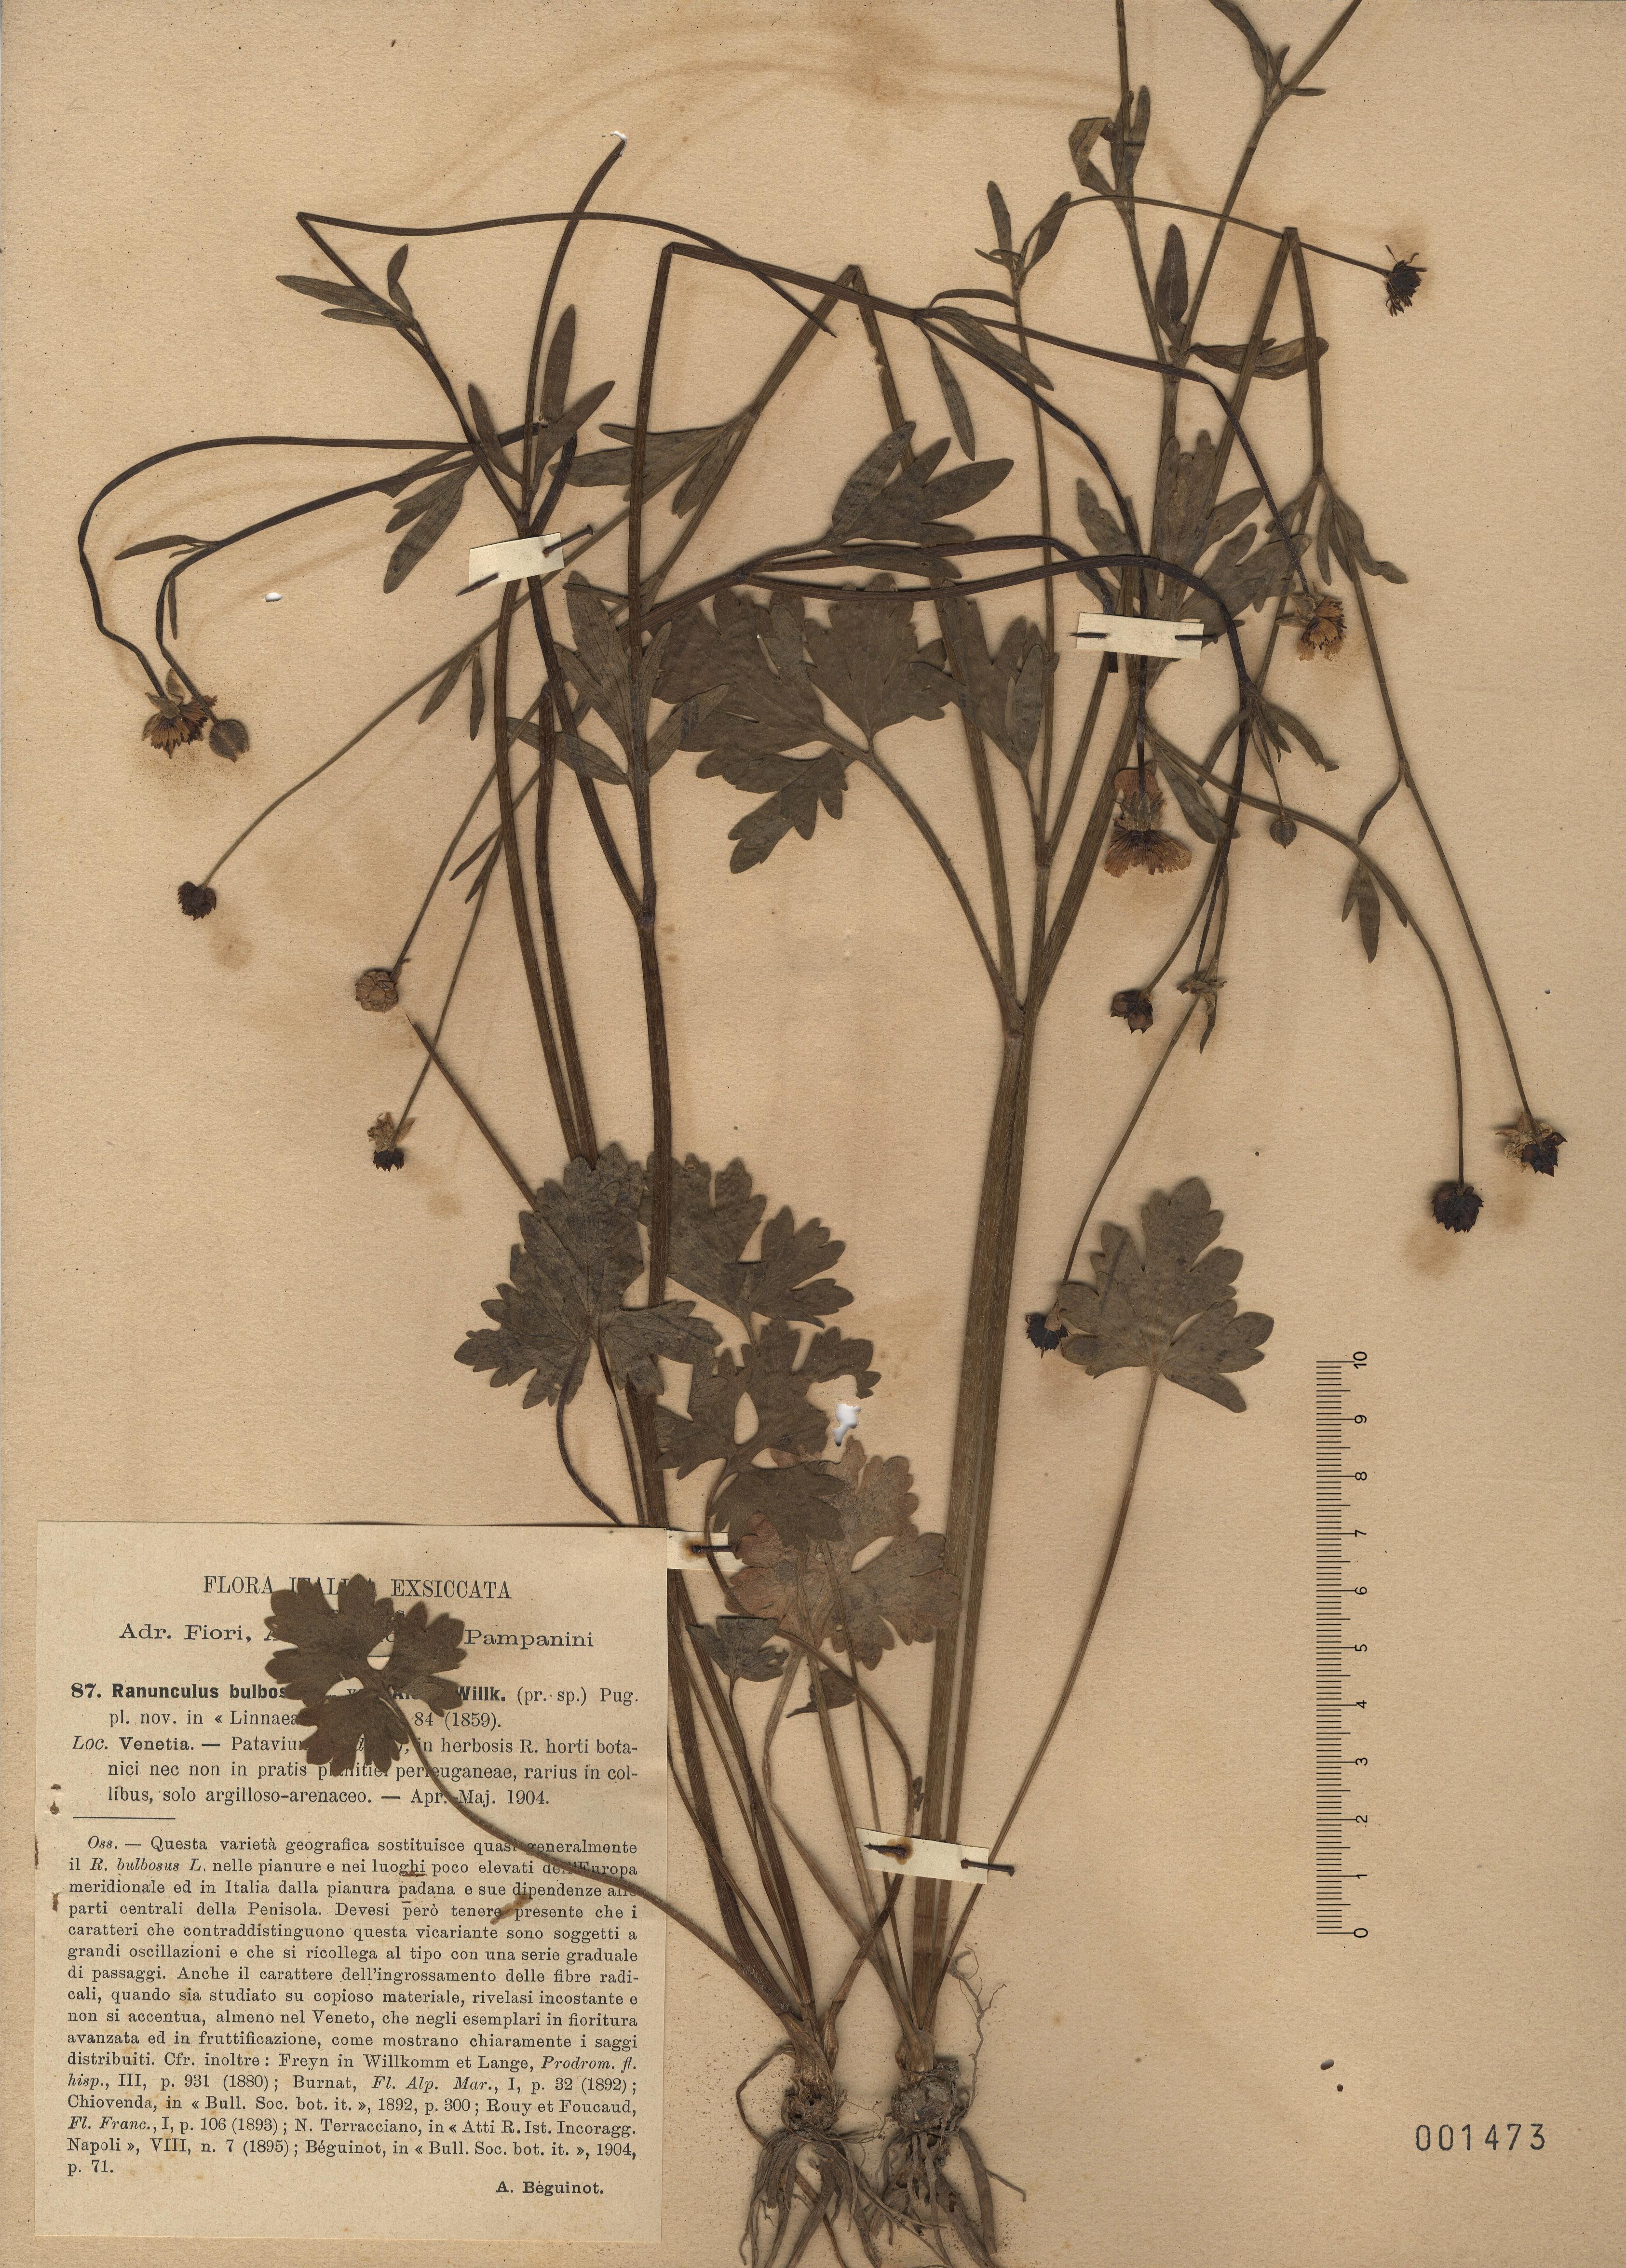 &copy; Hortus Botanicus Catinensis - Herb. sheet 001473<br>